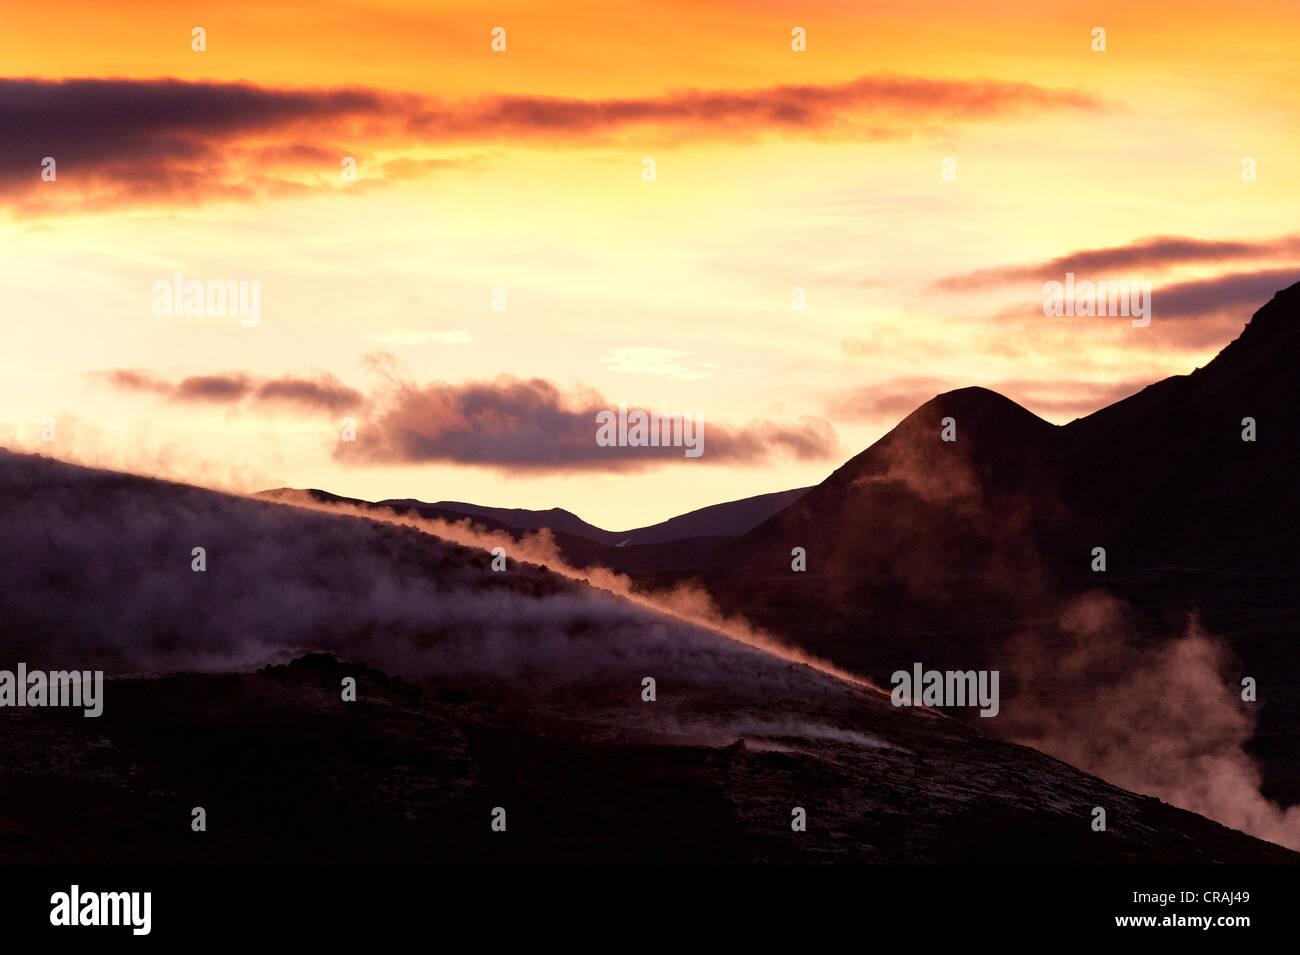 Aumento de vapor, energía geotérmica, cerca del lago Myvatn, en el norte de Islandia, Europa Imagen De Stock